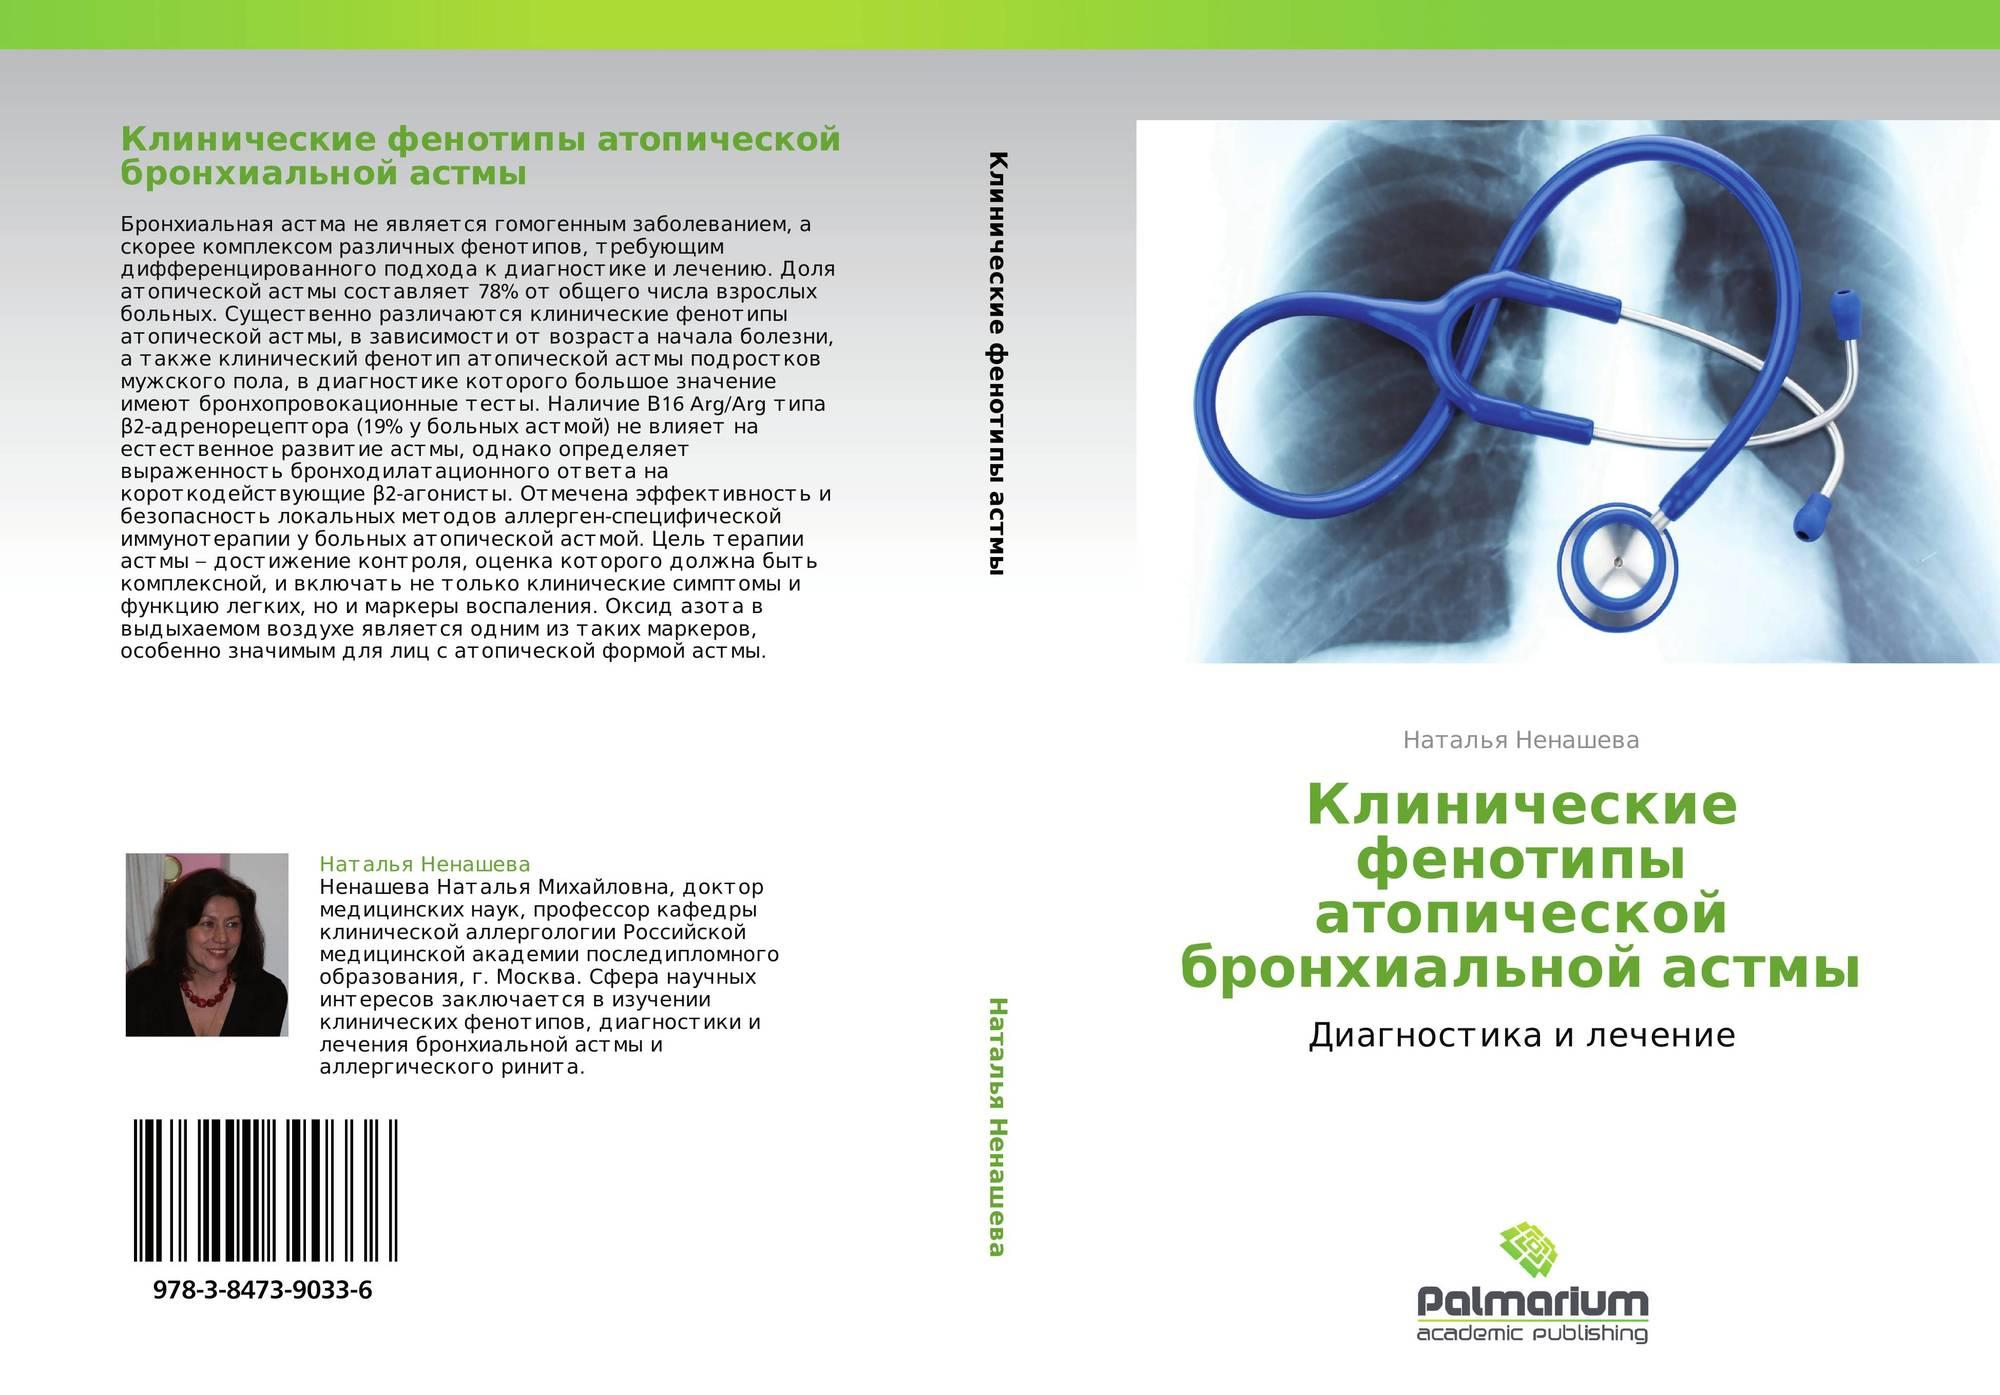 атопической бронхиальной астмы доказан